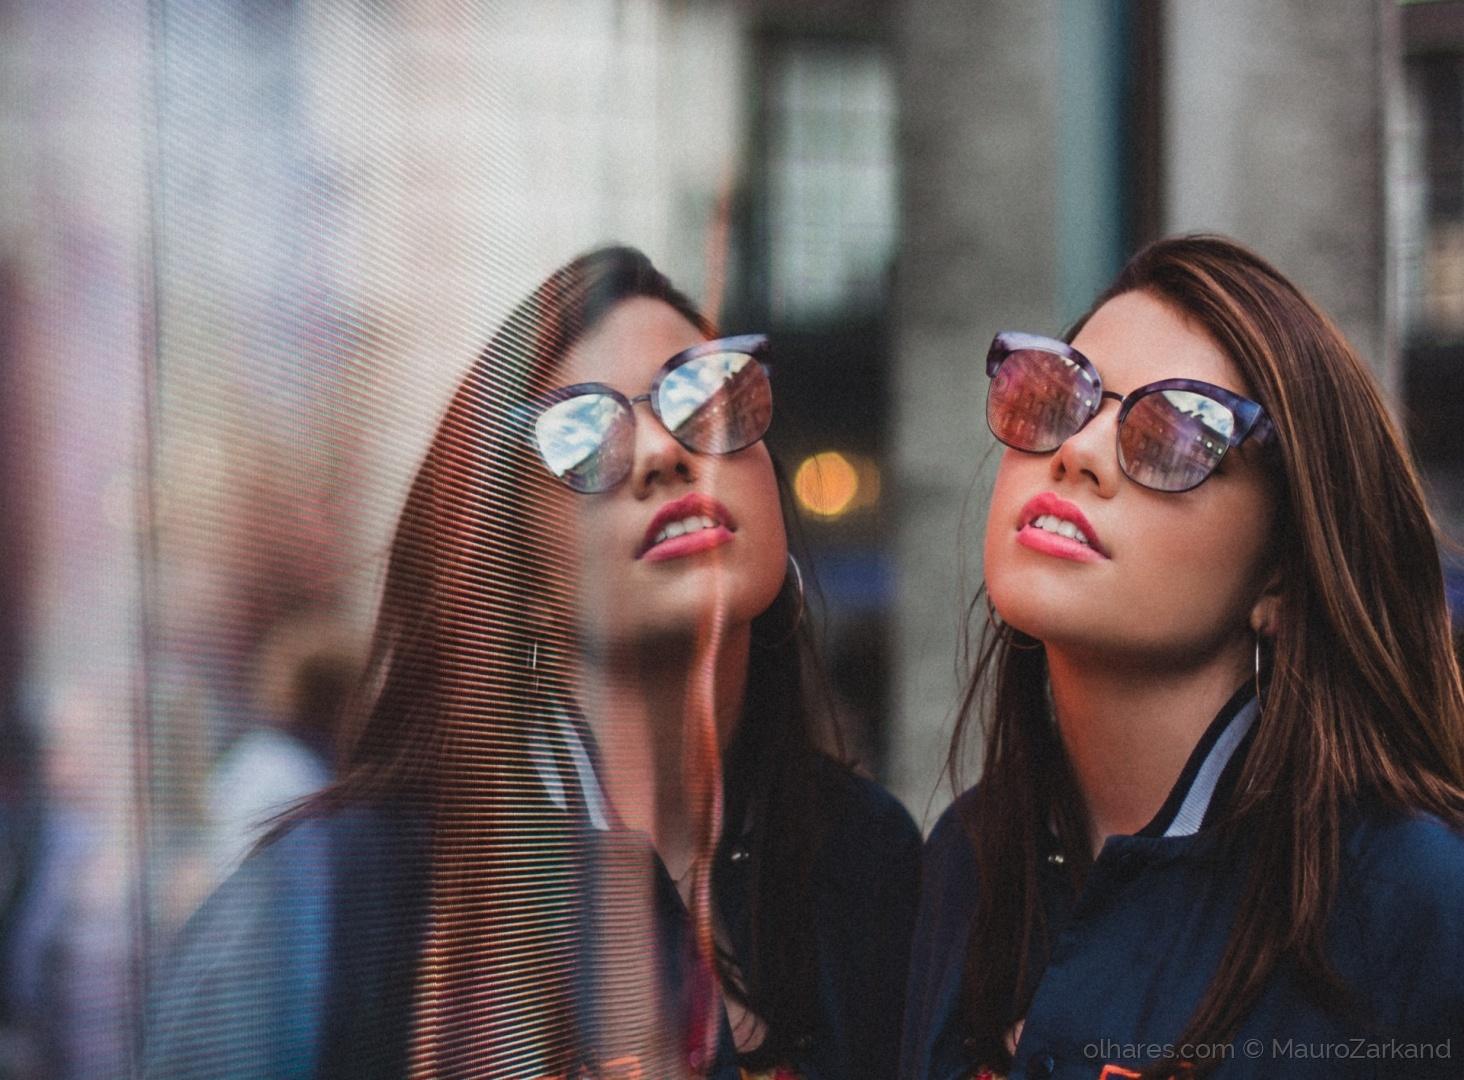 Moda/Olhares eletrônicos